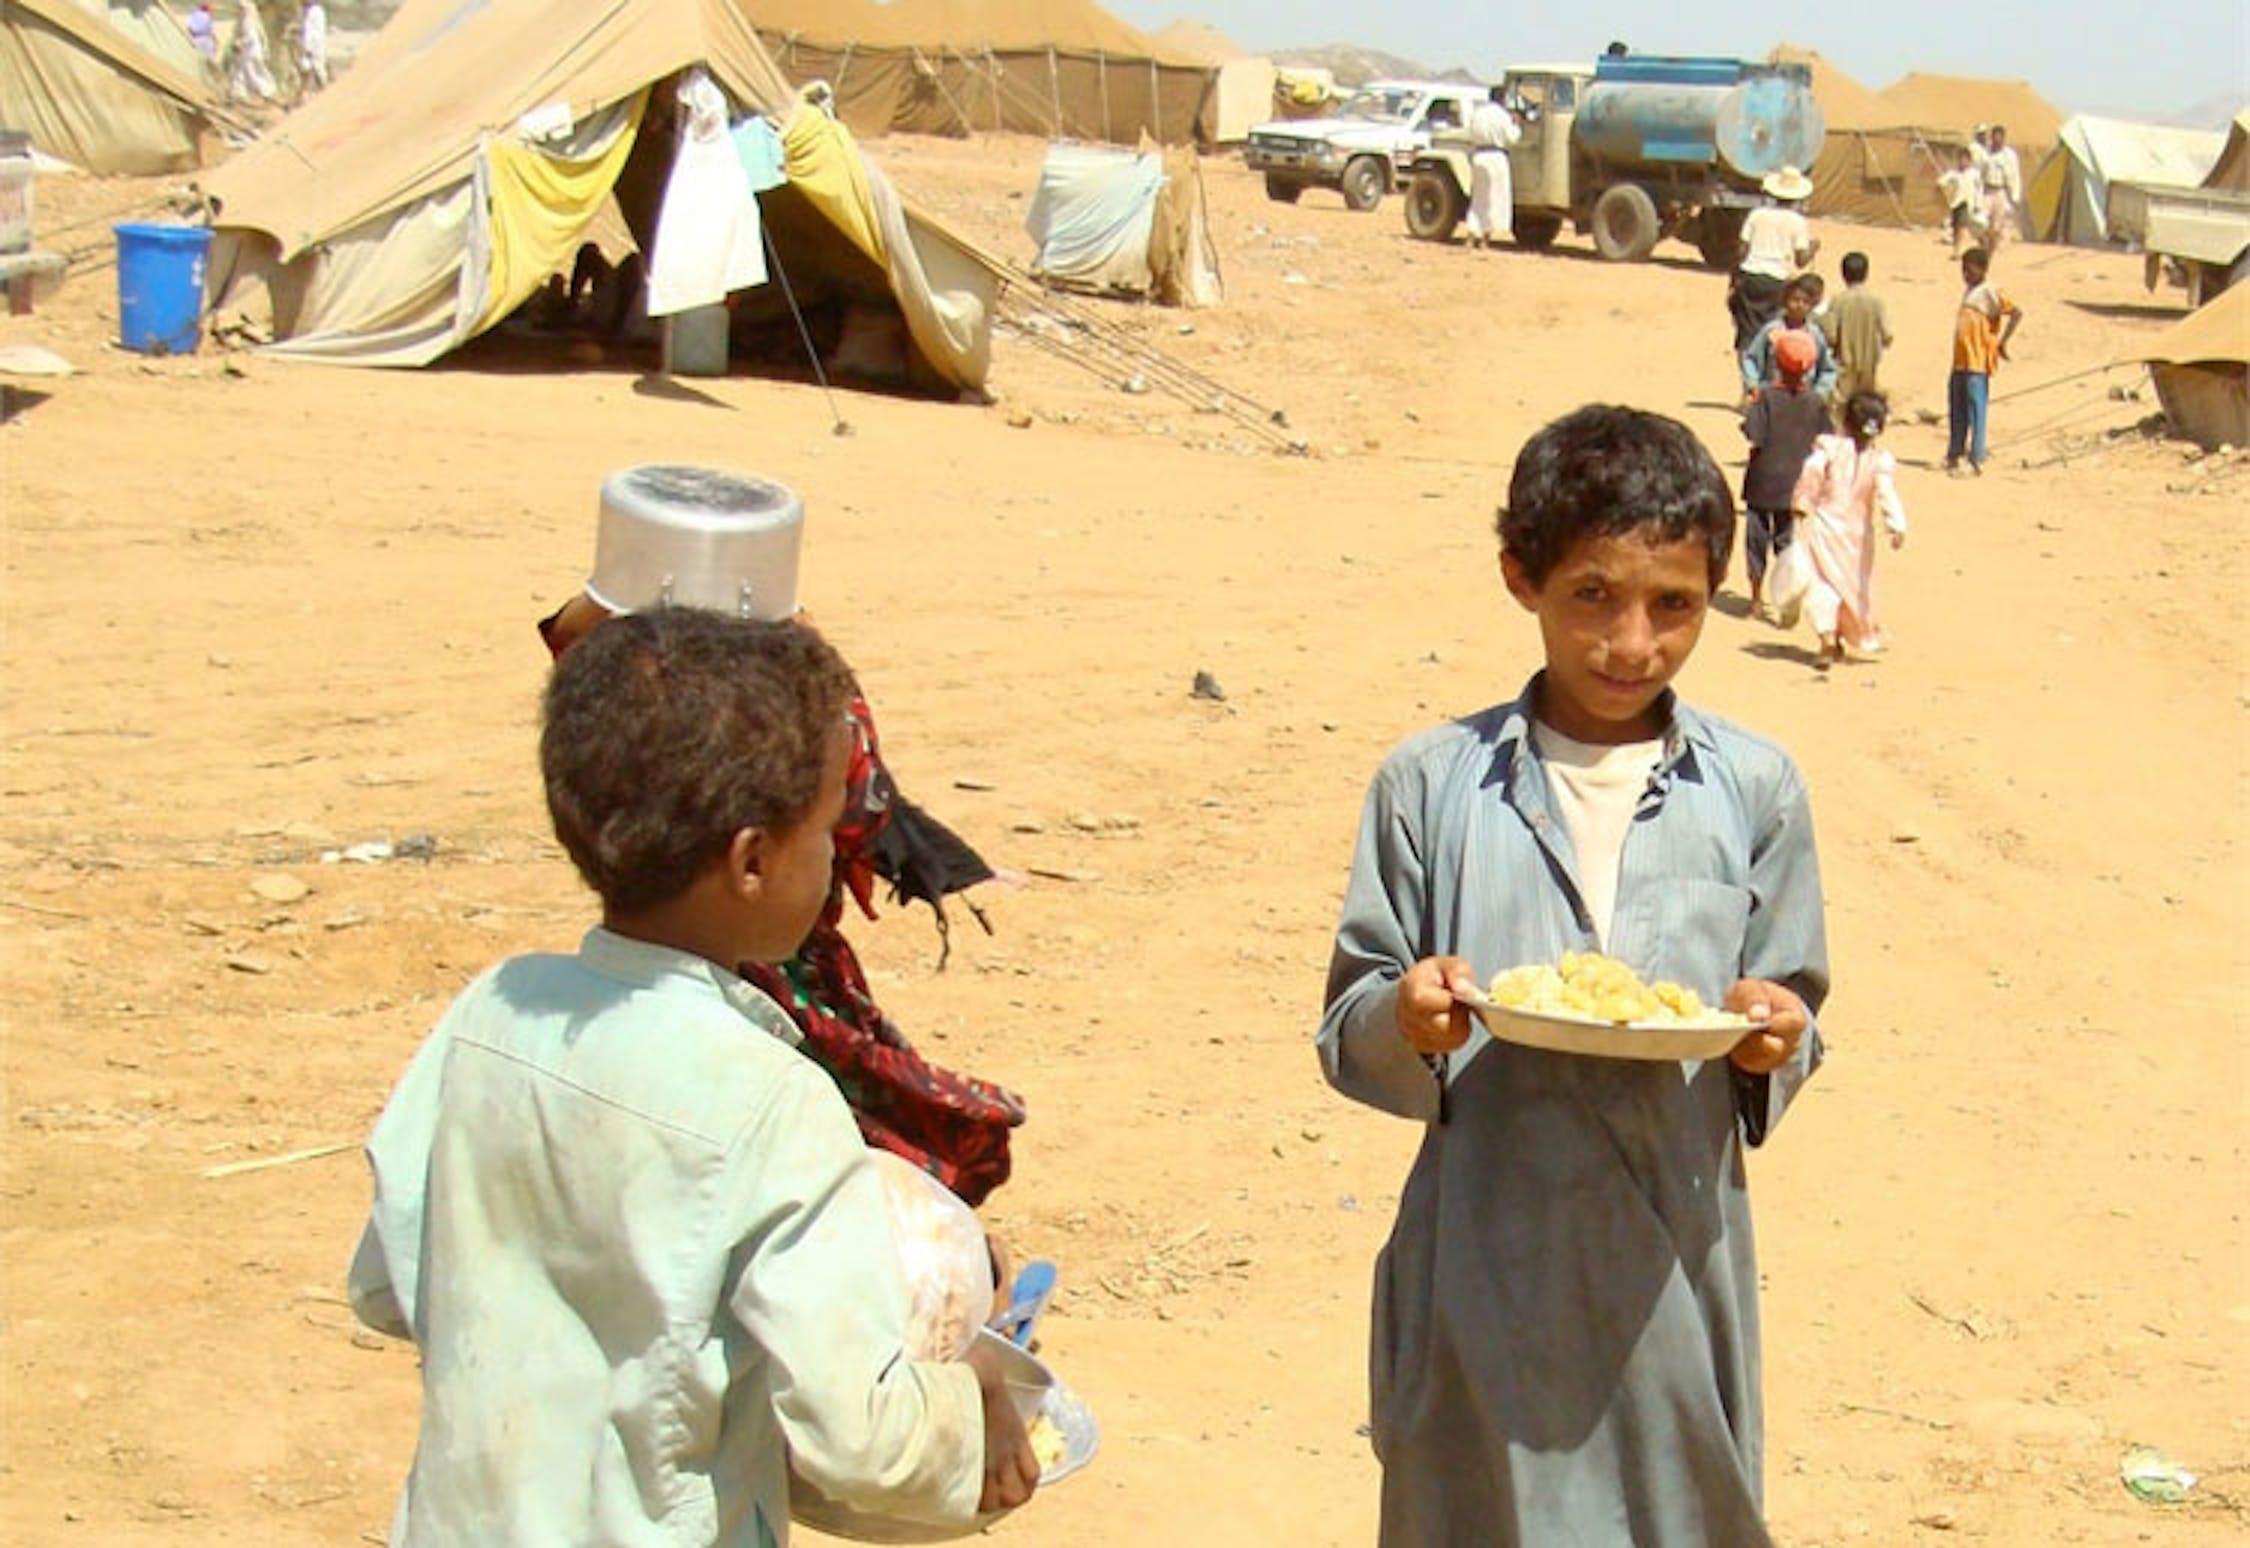 Bambini yemeniti sfollati nel campo di accoglienza di Mazraq. I tassi di malnutrizione acuta nel paese sono saliti a un livello allarmante: 15% - ©IRIN/Adel Yahya